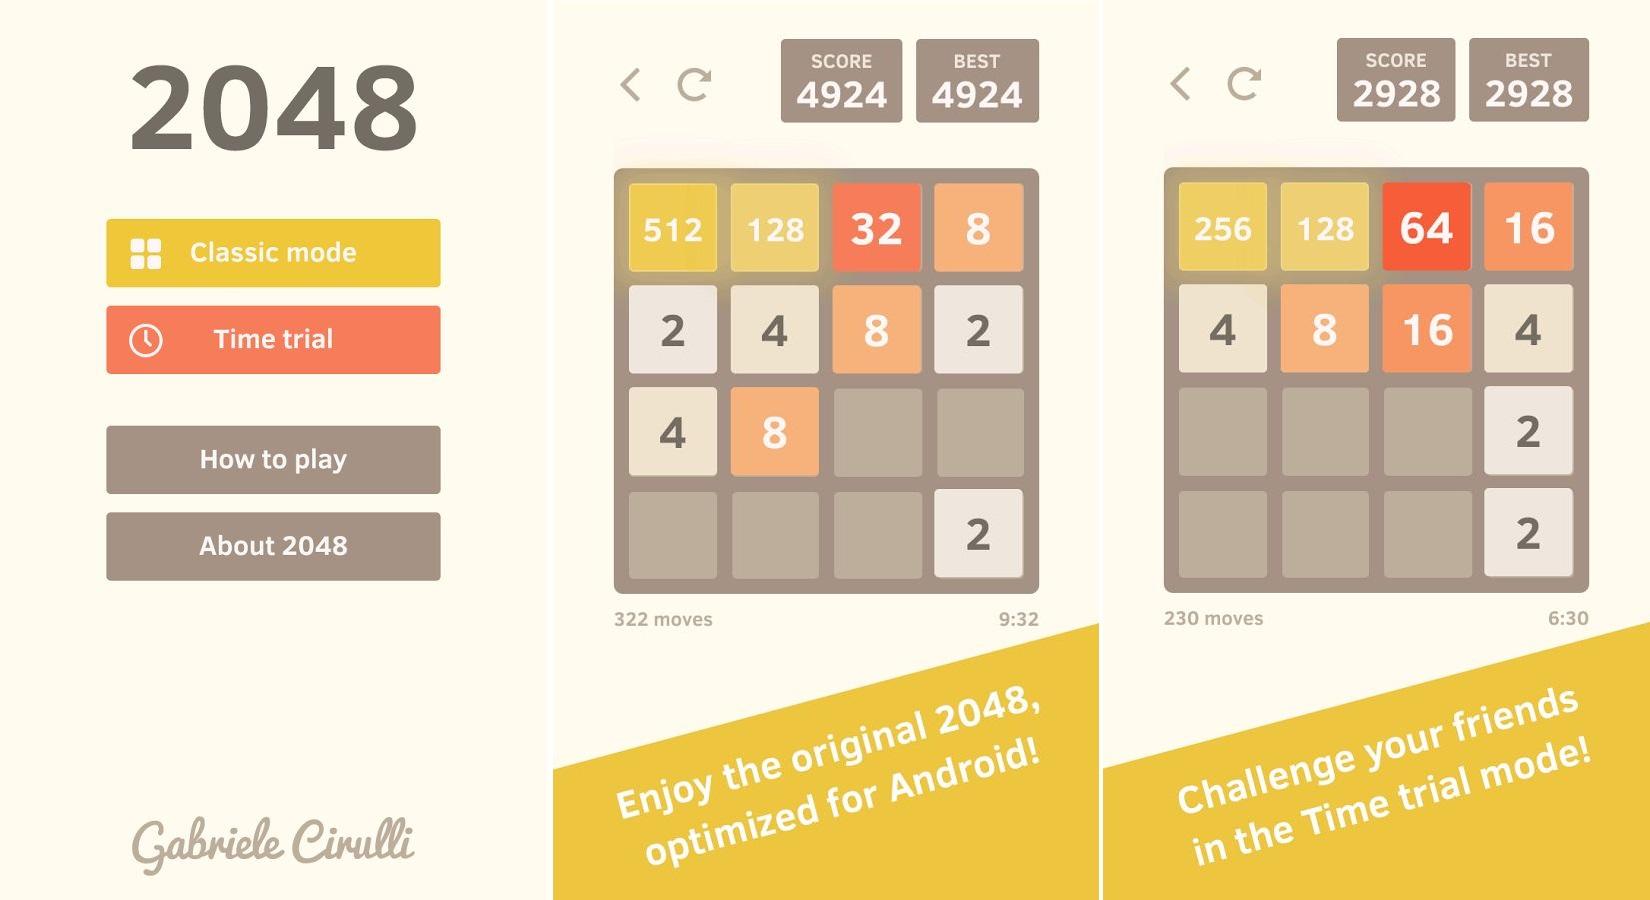 Le créateur originel de 2048 publie enfin sa propre application